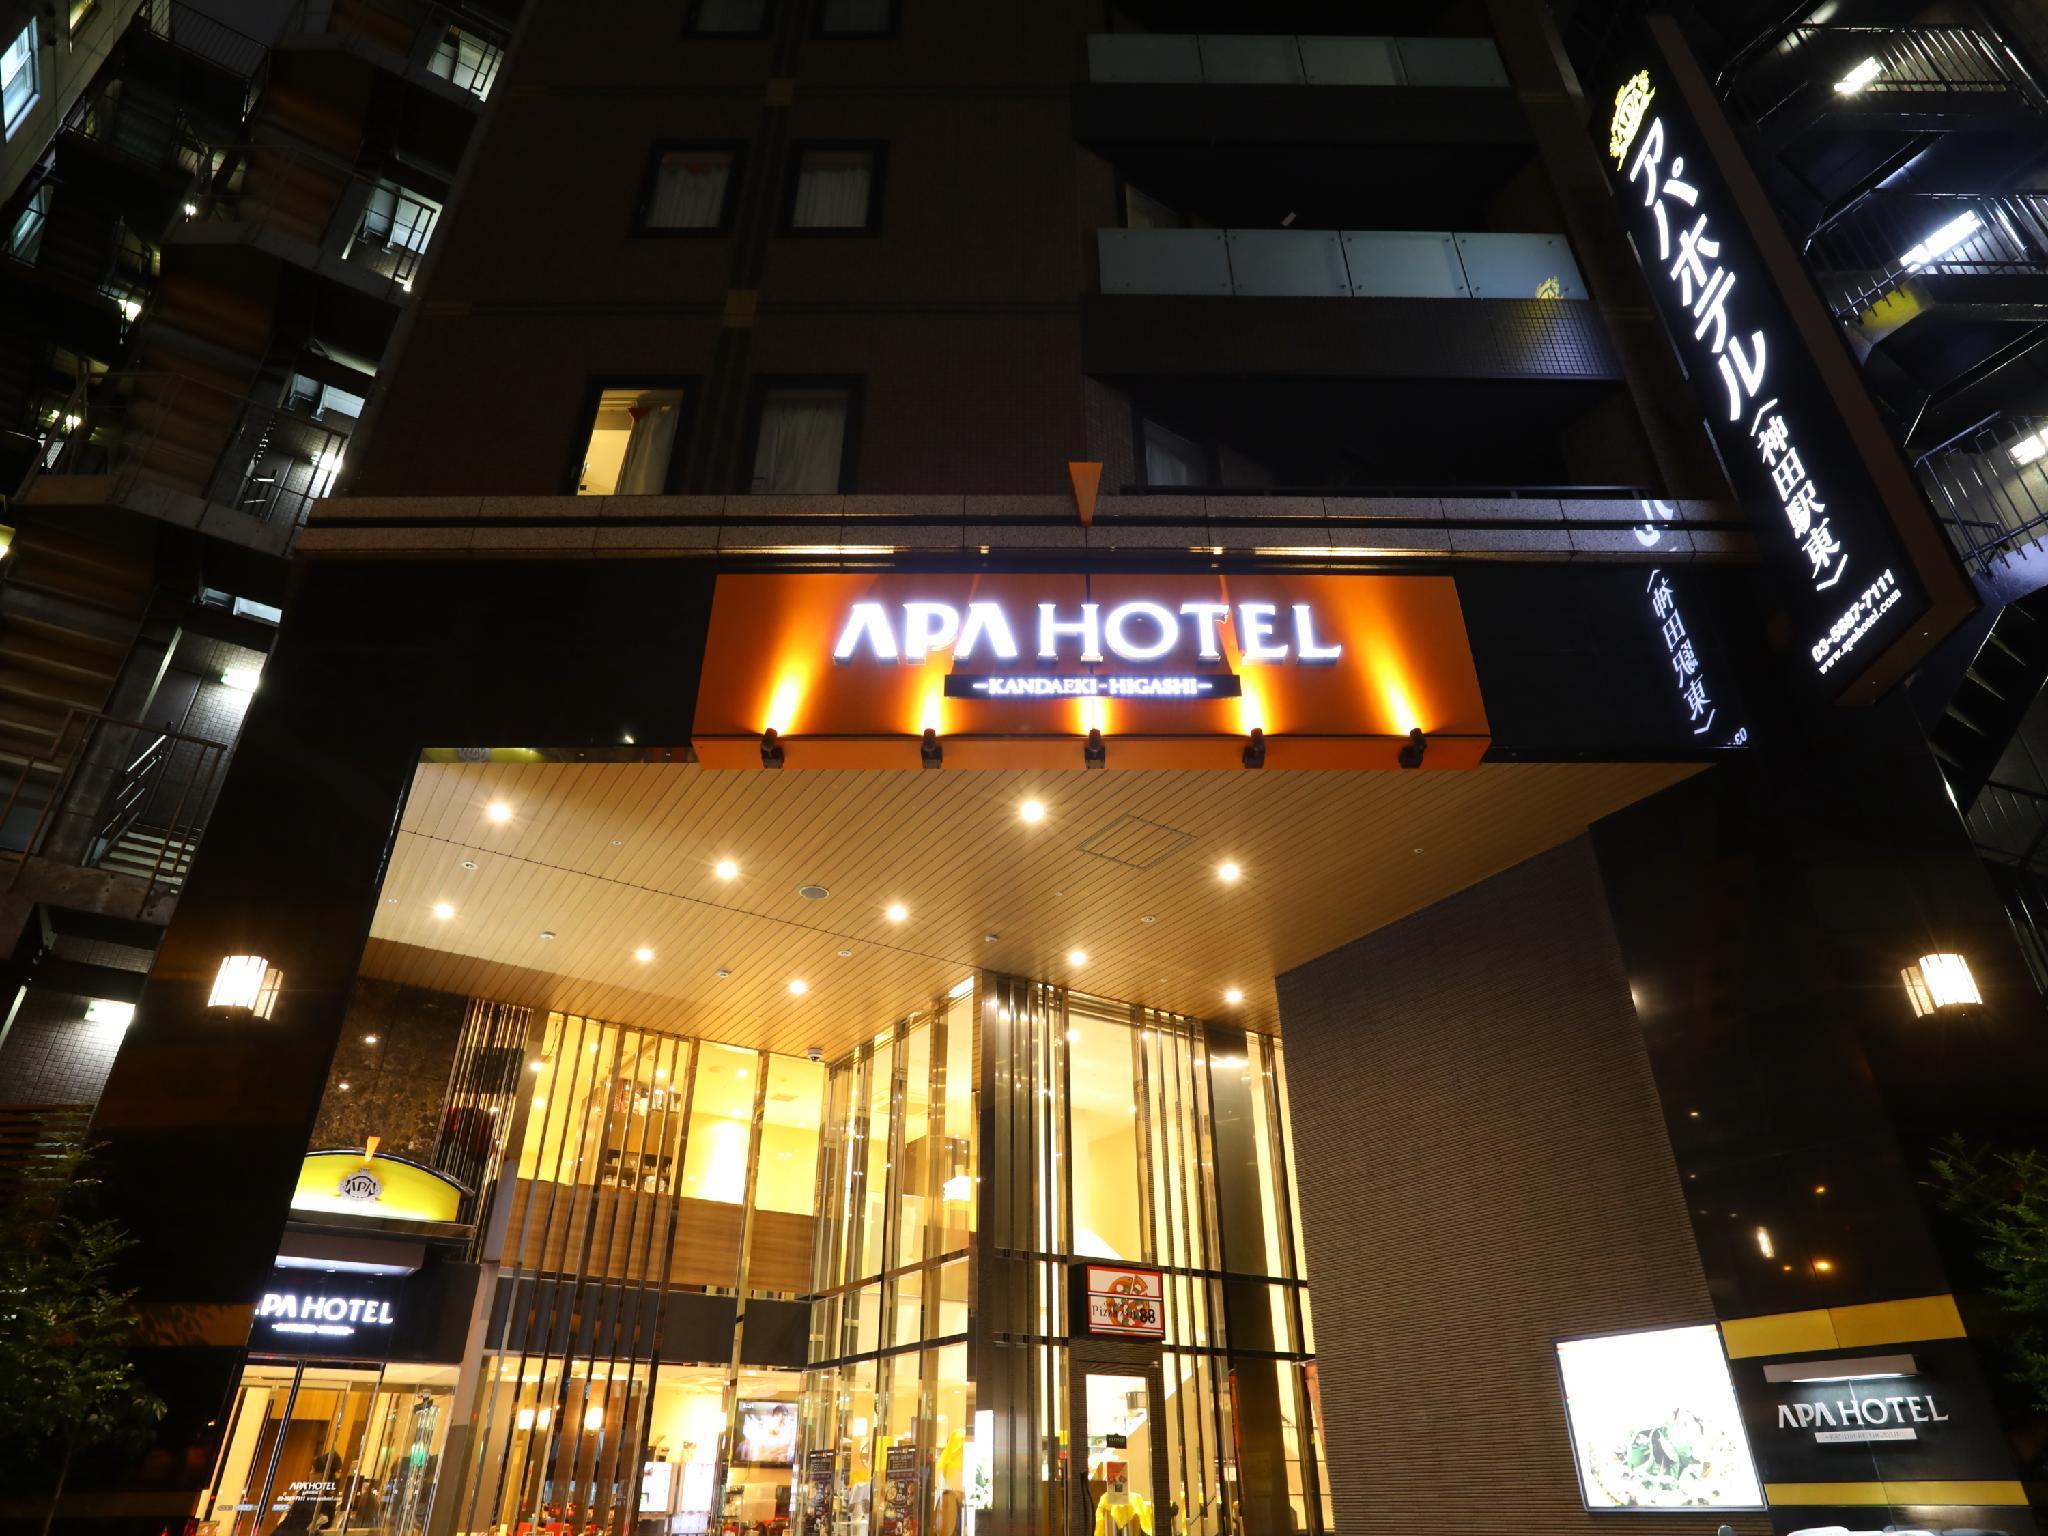 โรงแรมอะป้า คันดะ-เอกิ-ฮิกาชิ